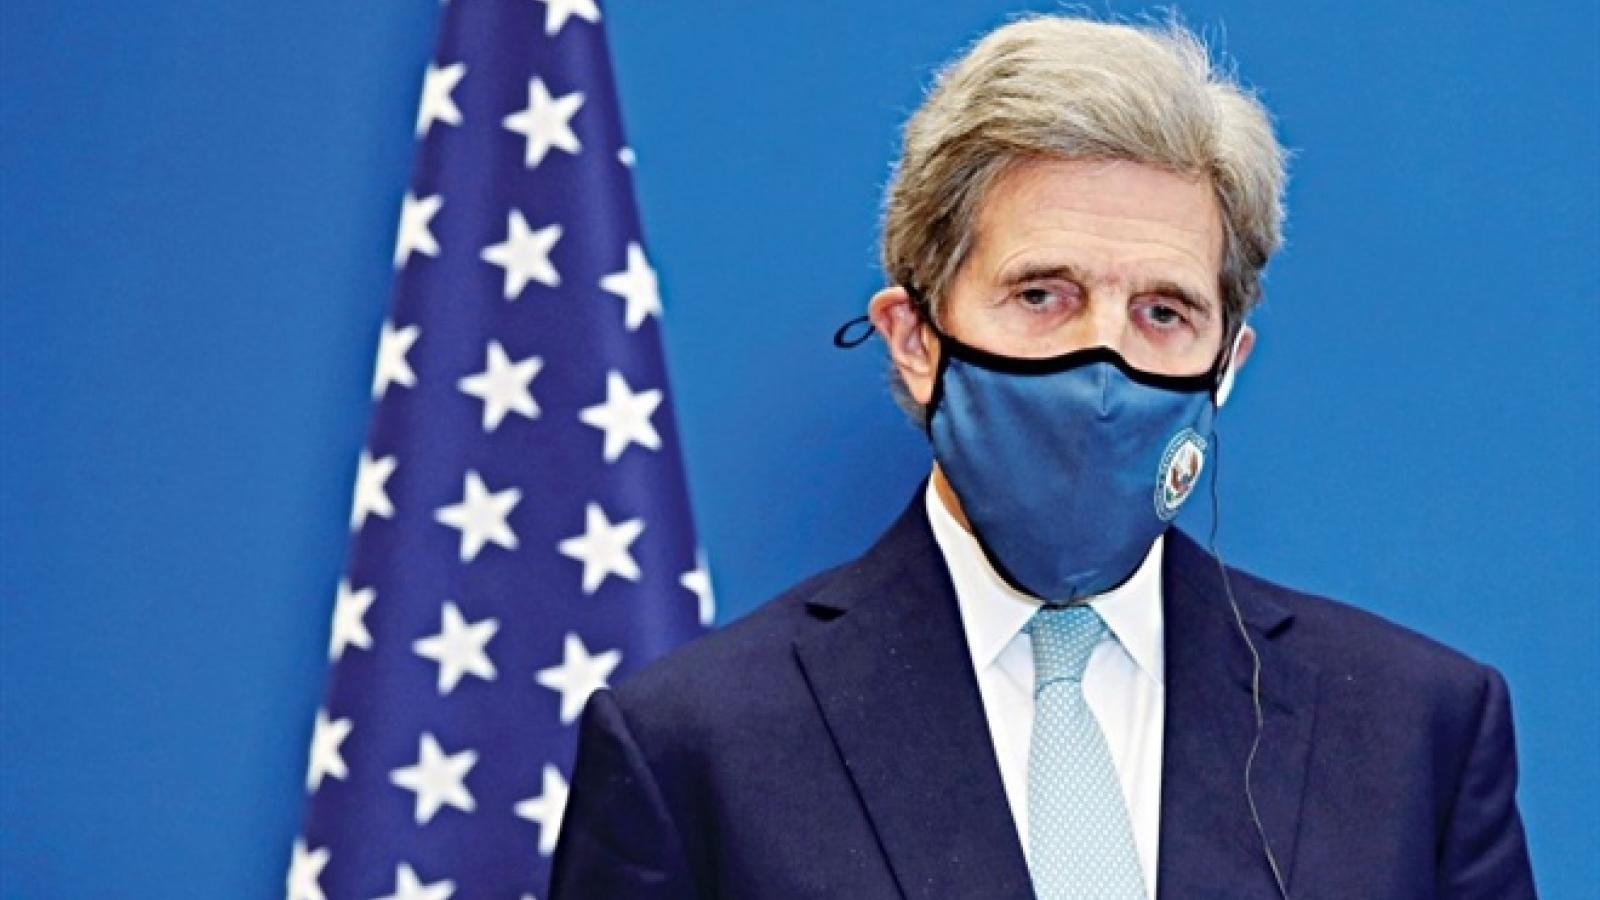 Tuần tới đặc phái viên Mỹ John Kerry sẽ thăm Trung Quốc?